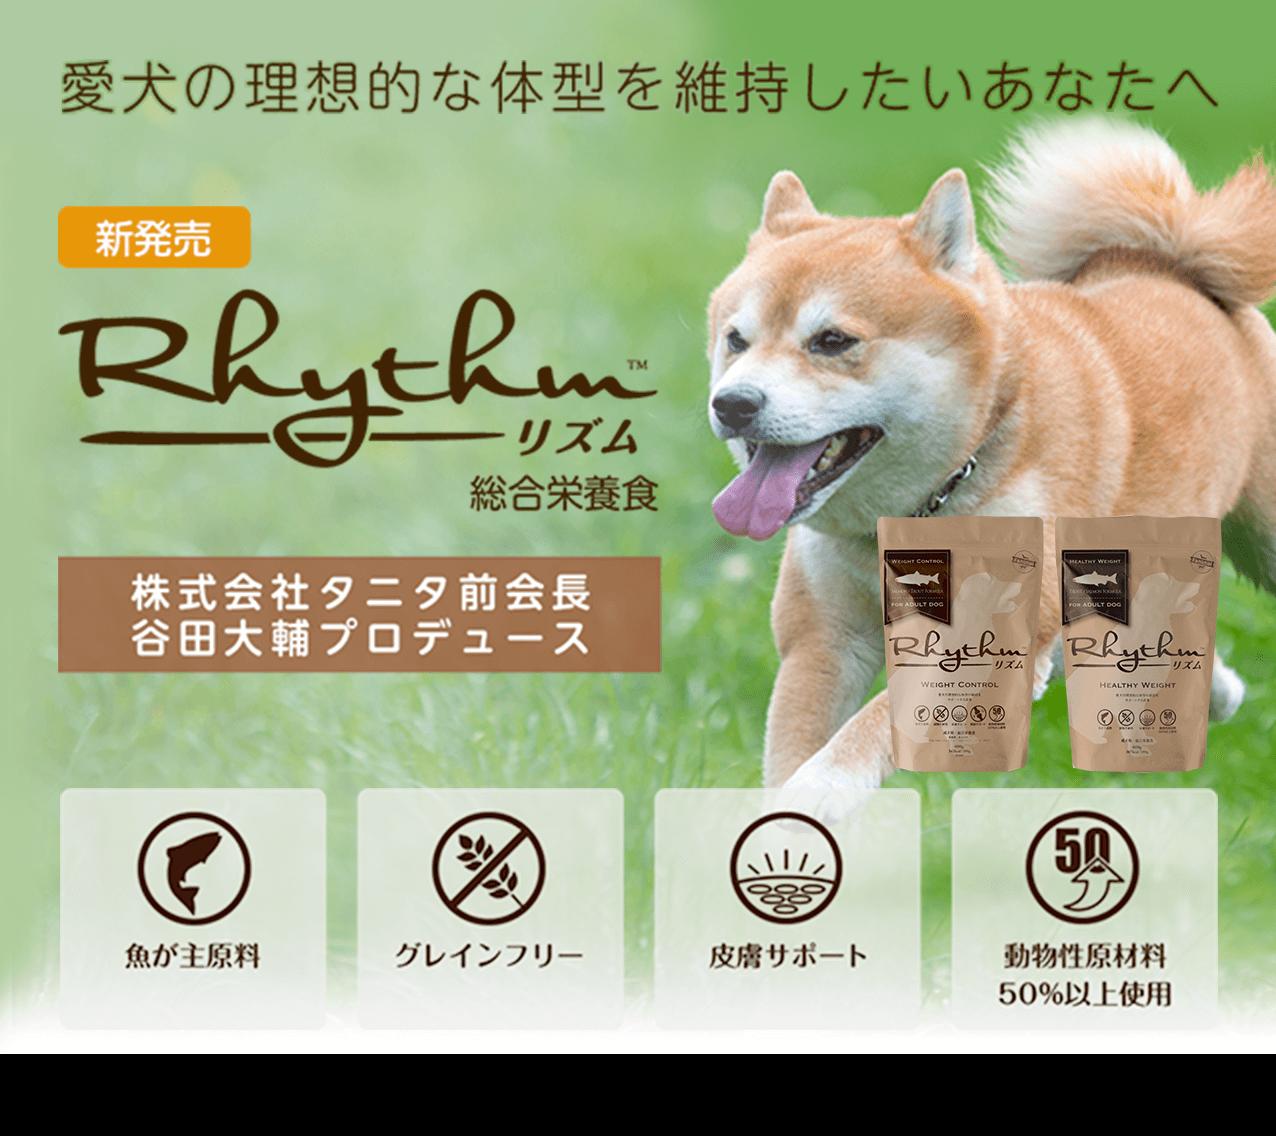 愛犬の理想的な体型を維持したいあなたへ 新発売 リズム 総合栄養食